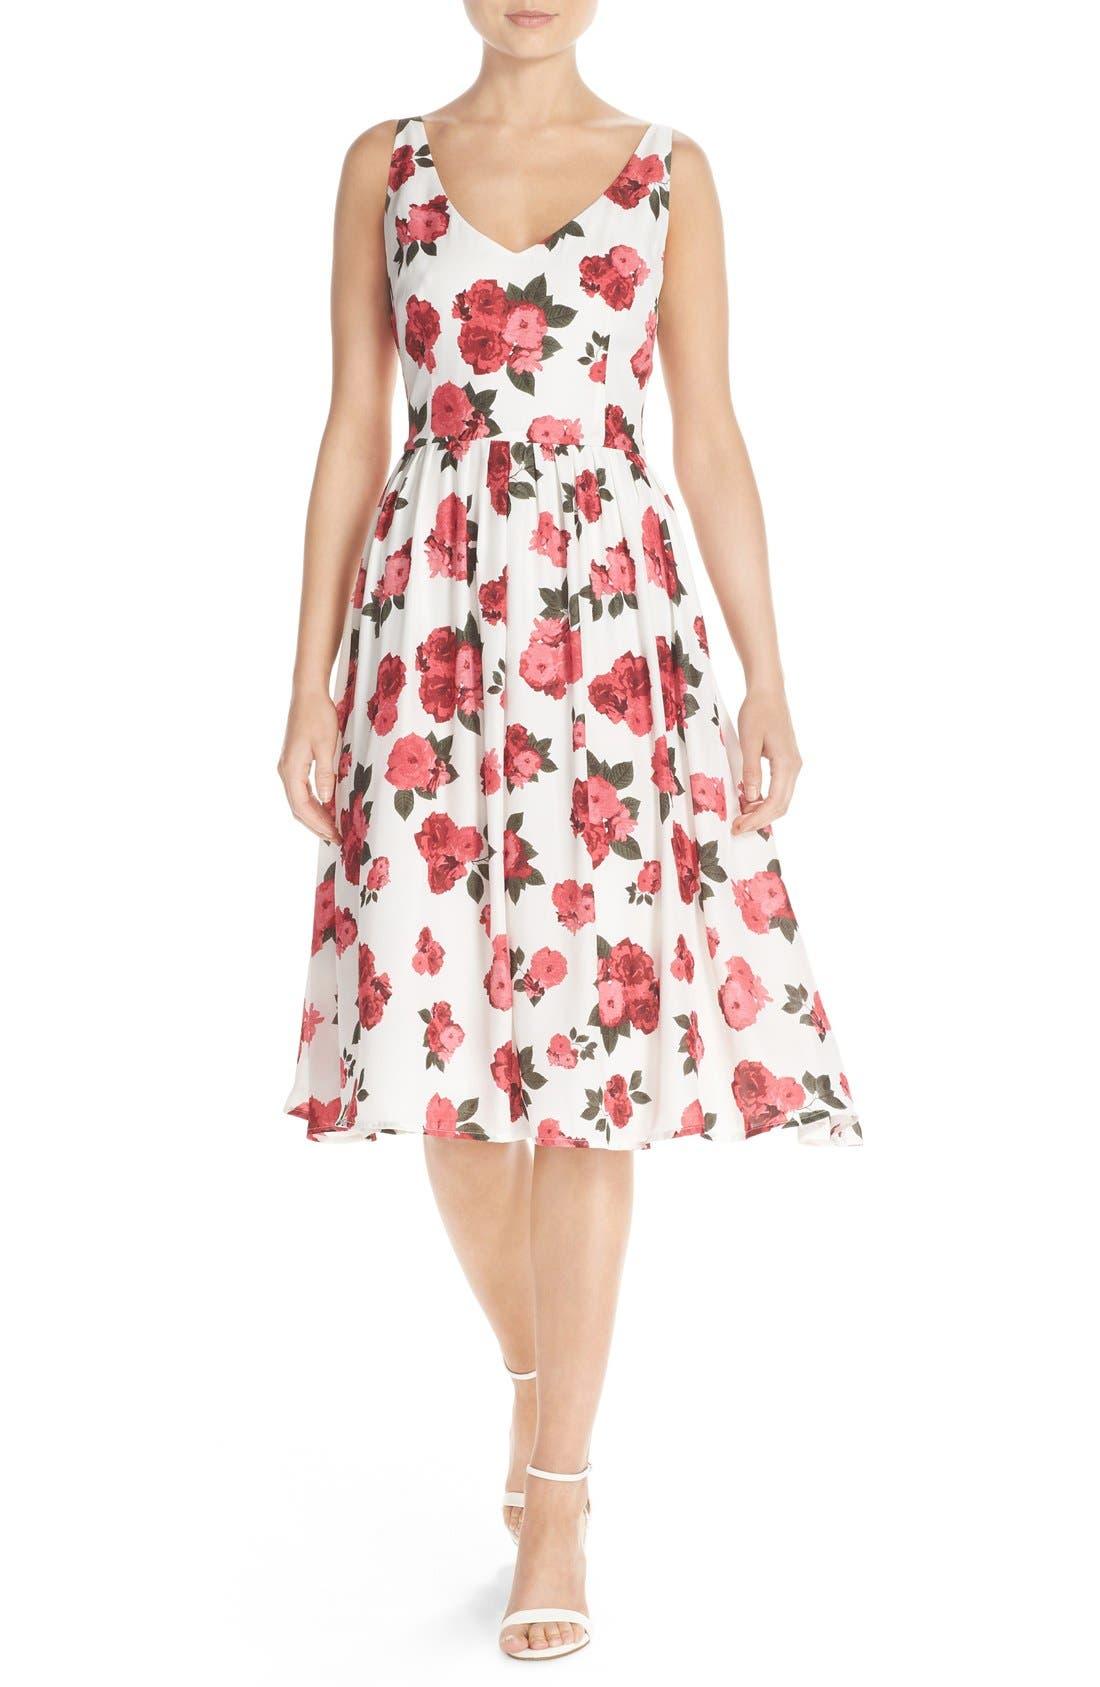 Alternate Image 1 Selected - BB Dakota 'Claudia' Floral Crepe Fit & Flare Dress